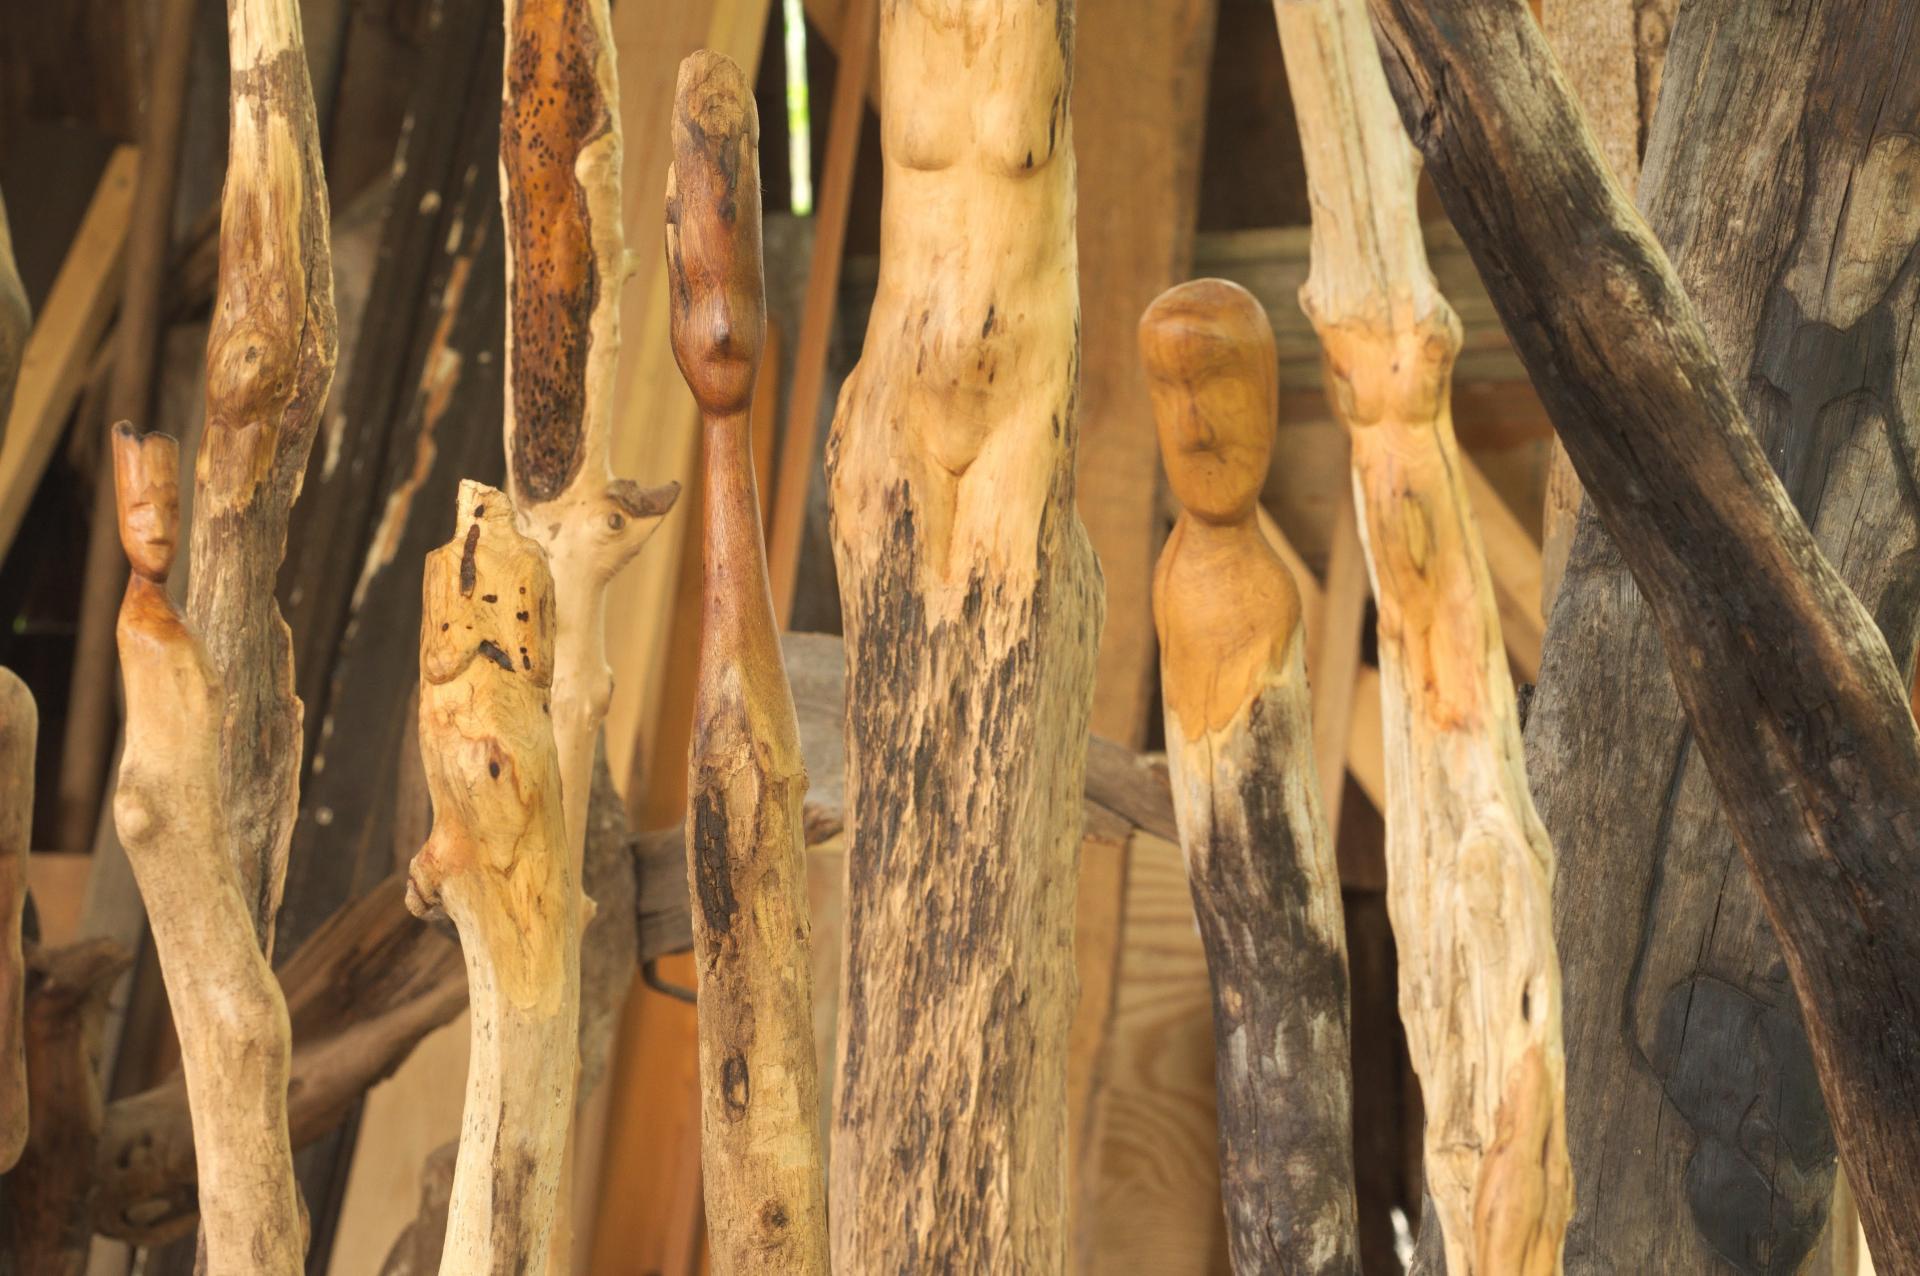 Holzskulptur, Foto: Steffen Klauke